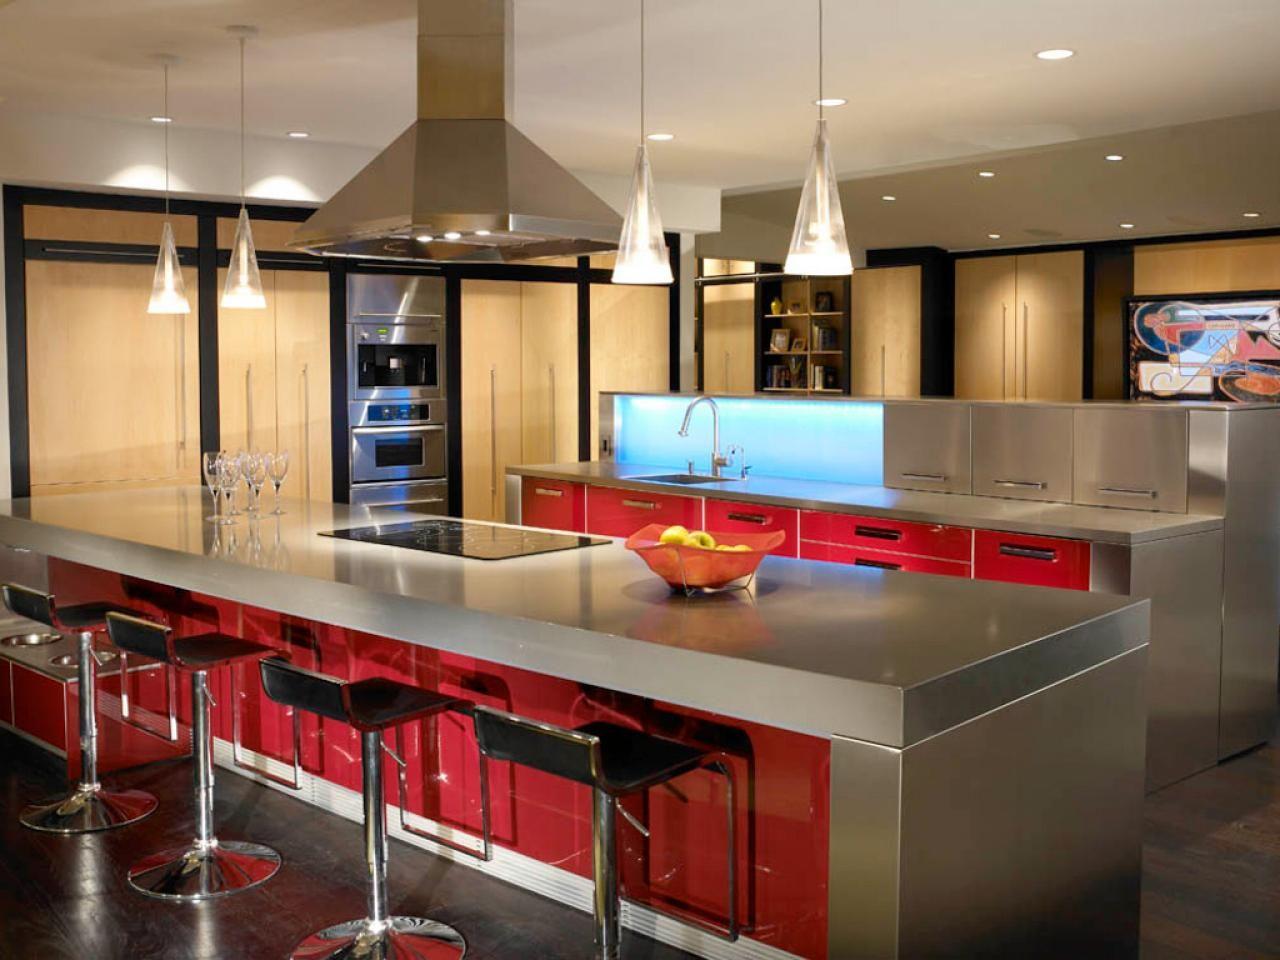 Wfk Küchen ~ 36 best kitcheni ldeas images on pinterest backsplash ideas